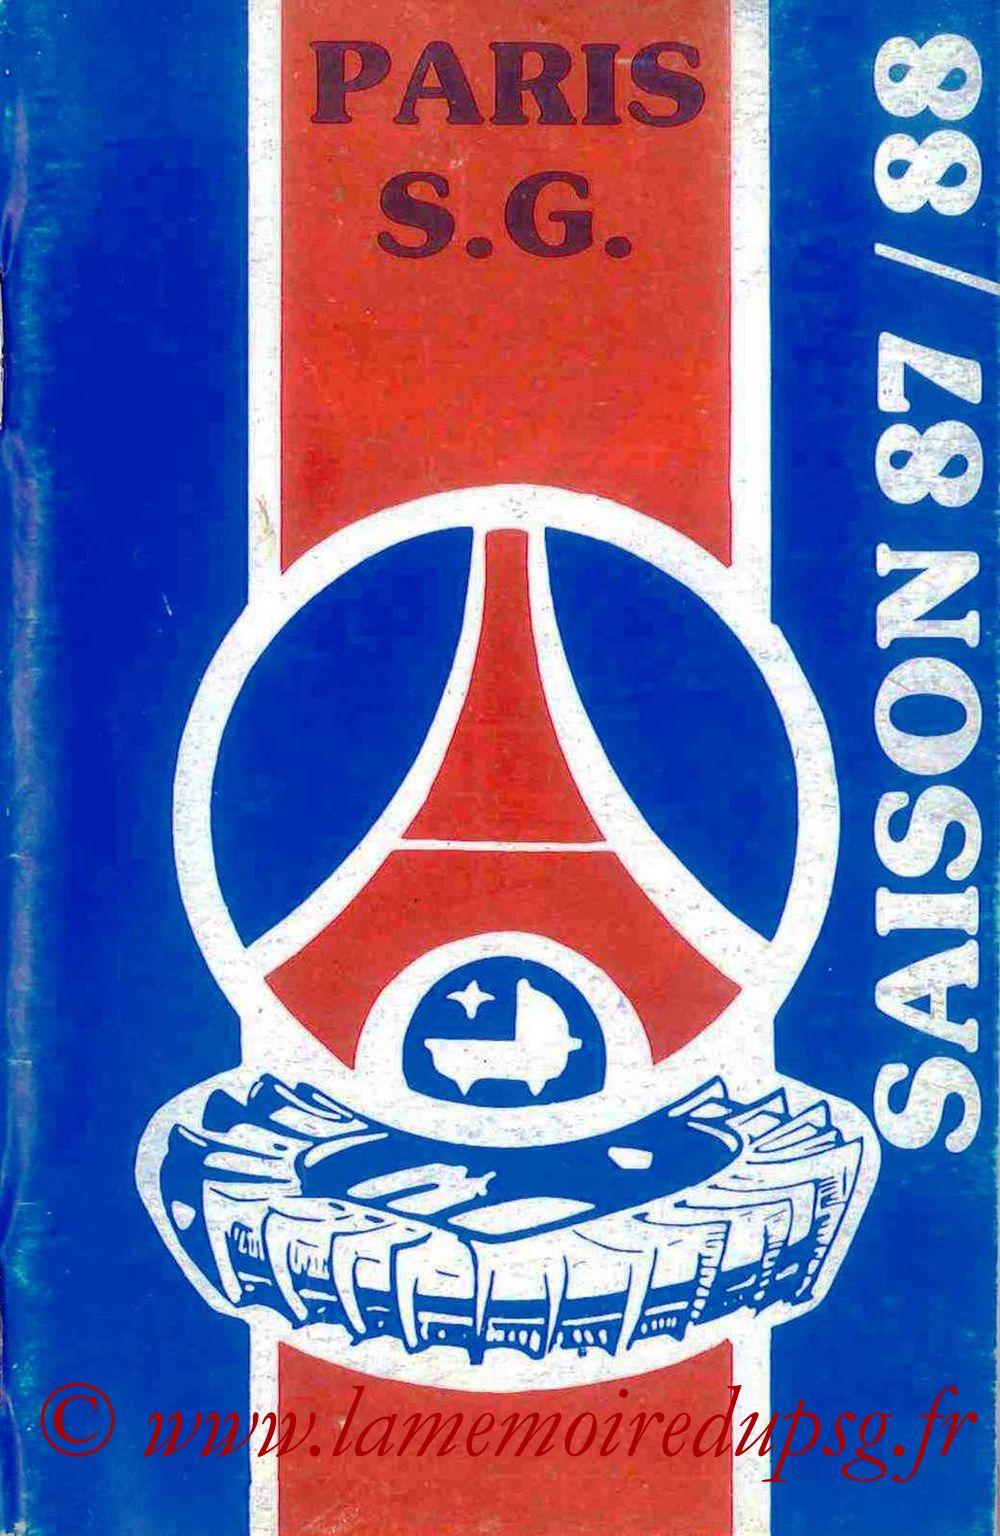 1987-88 - Guide de la Saison PSG - Couverture